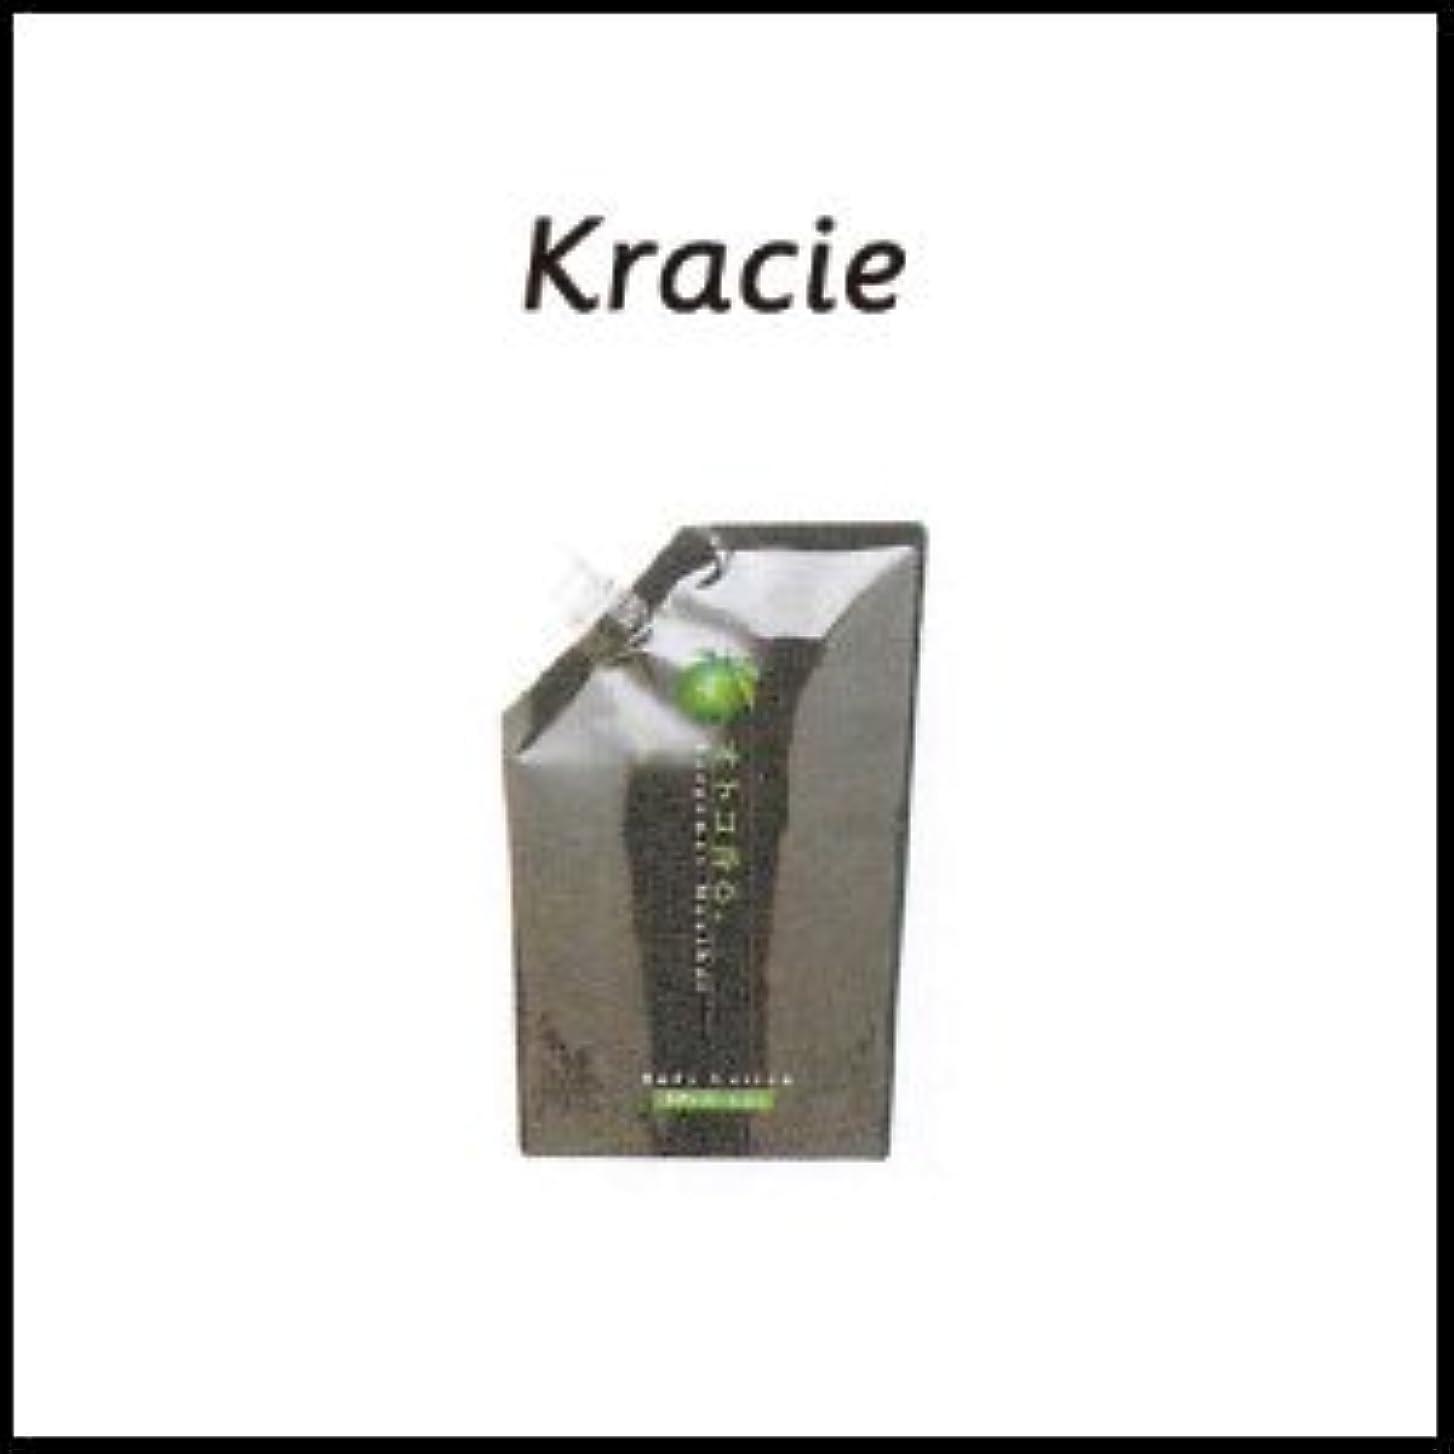 常にカッター取るクラシエ オトコ香る ボディローション(ベルガモット) 500ml 詰替え用(レフィル)